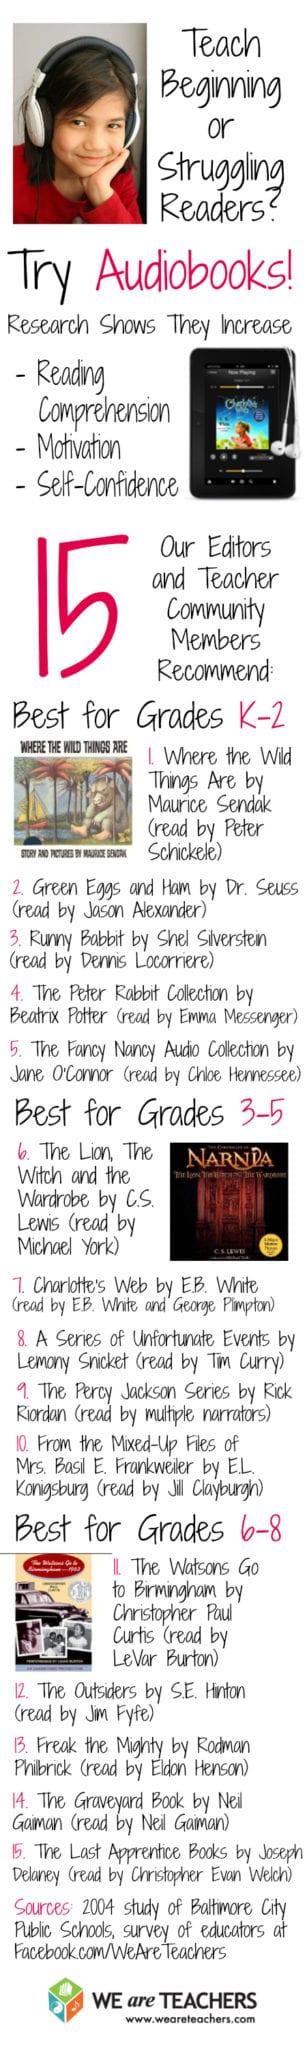 15 Audiobooks for Grades K-8